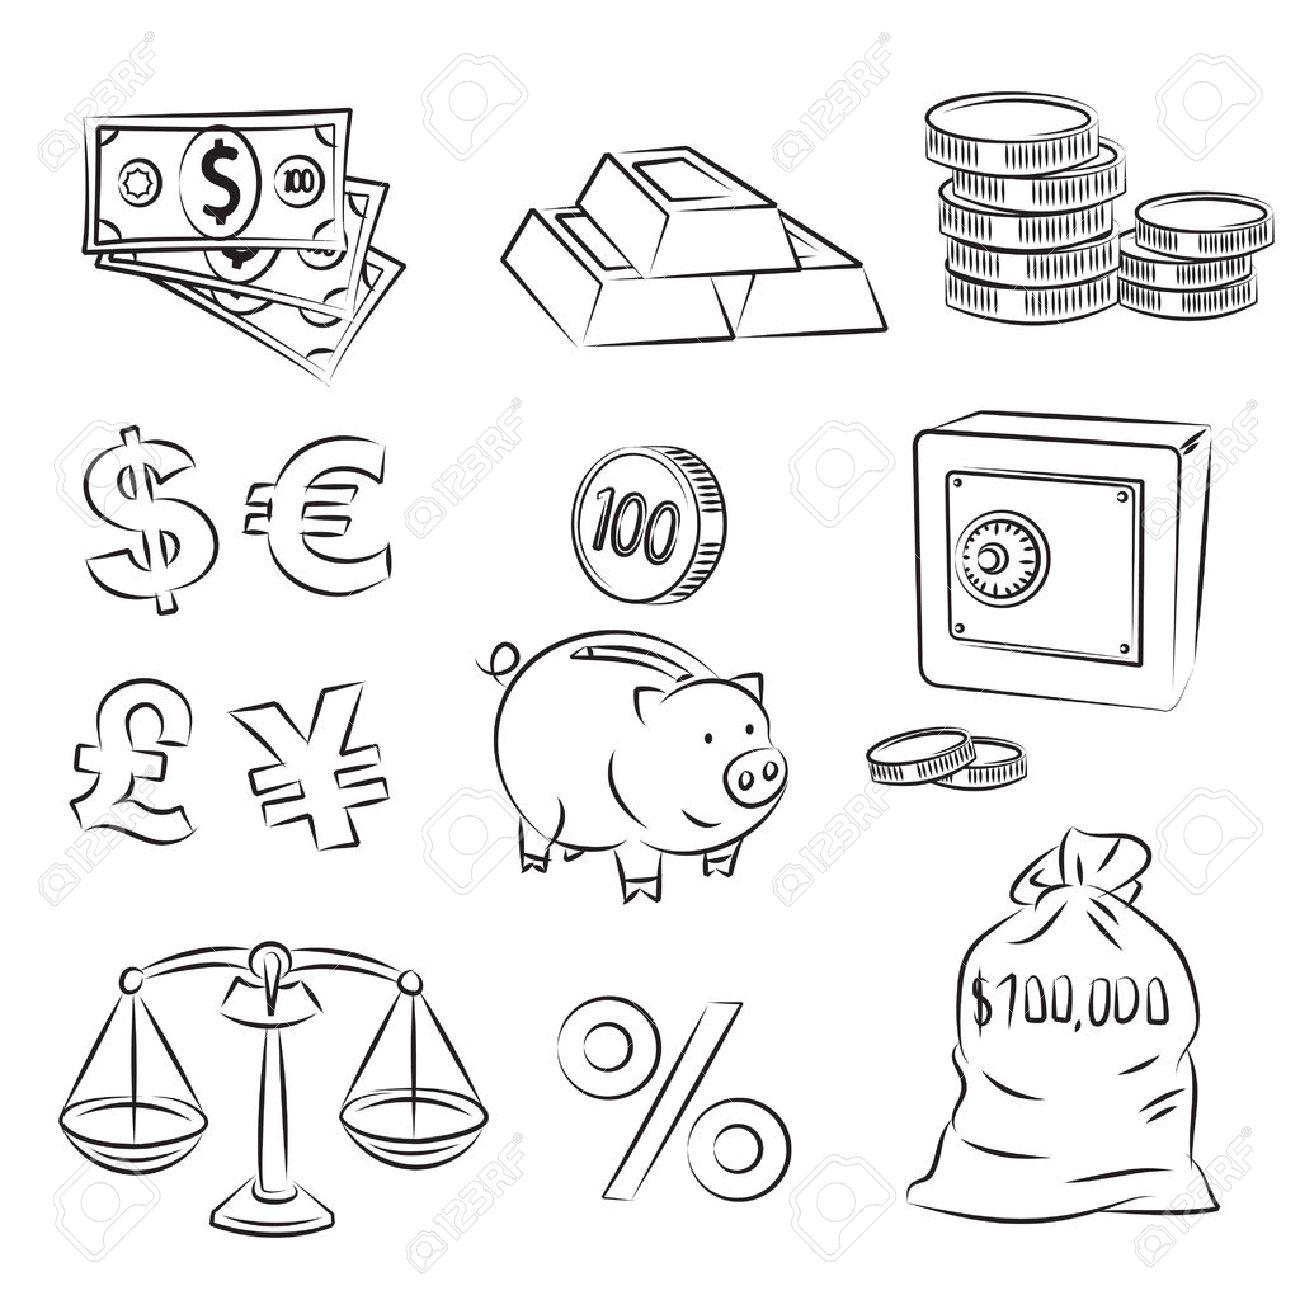 Money Sketch Set Stock Vector - 8703795